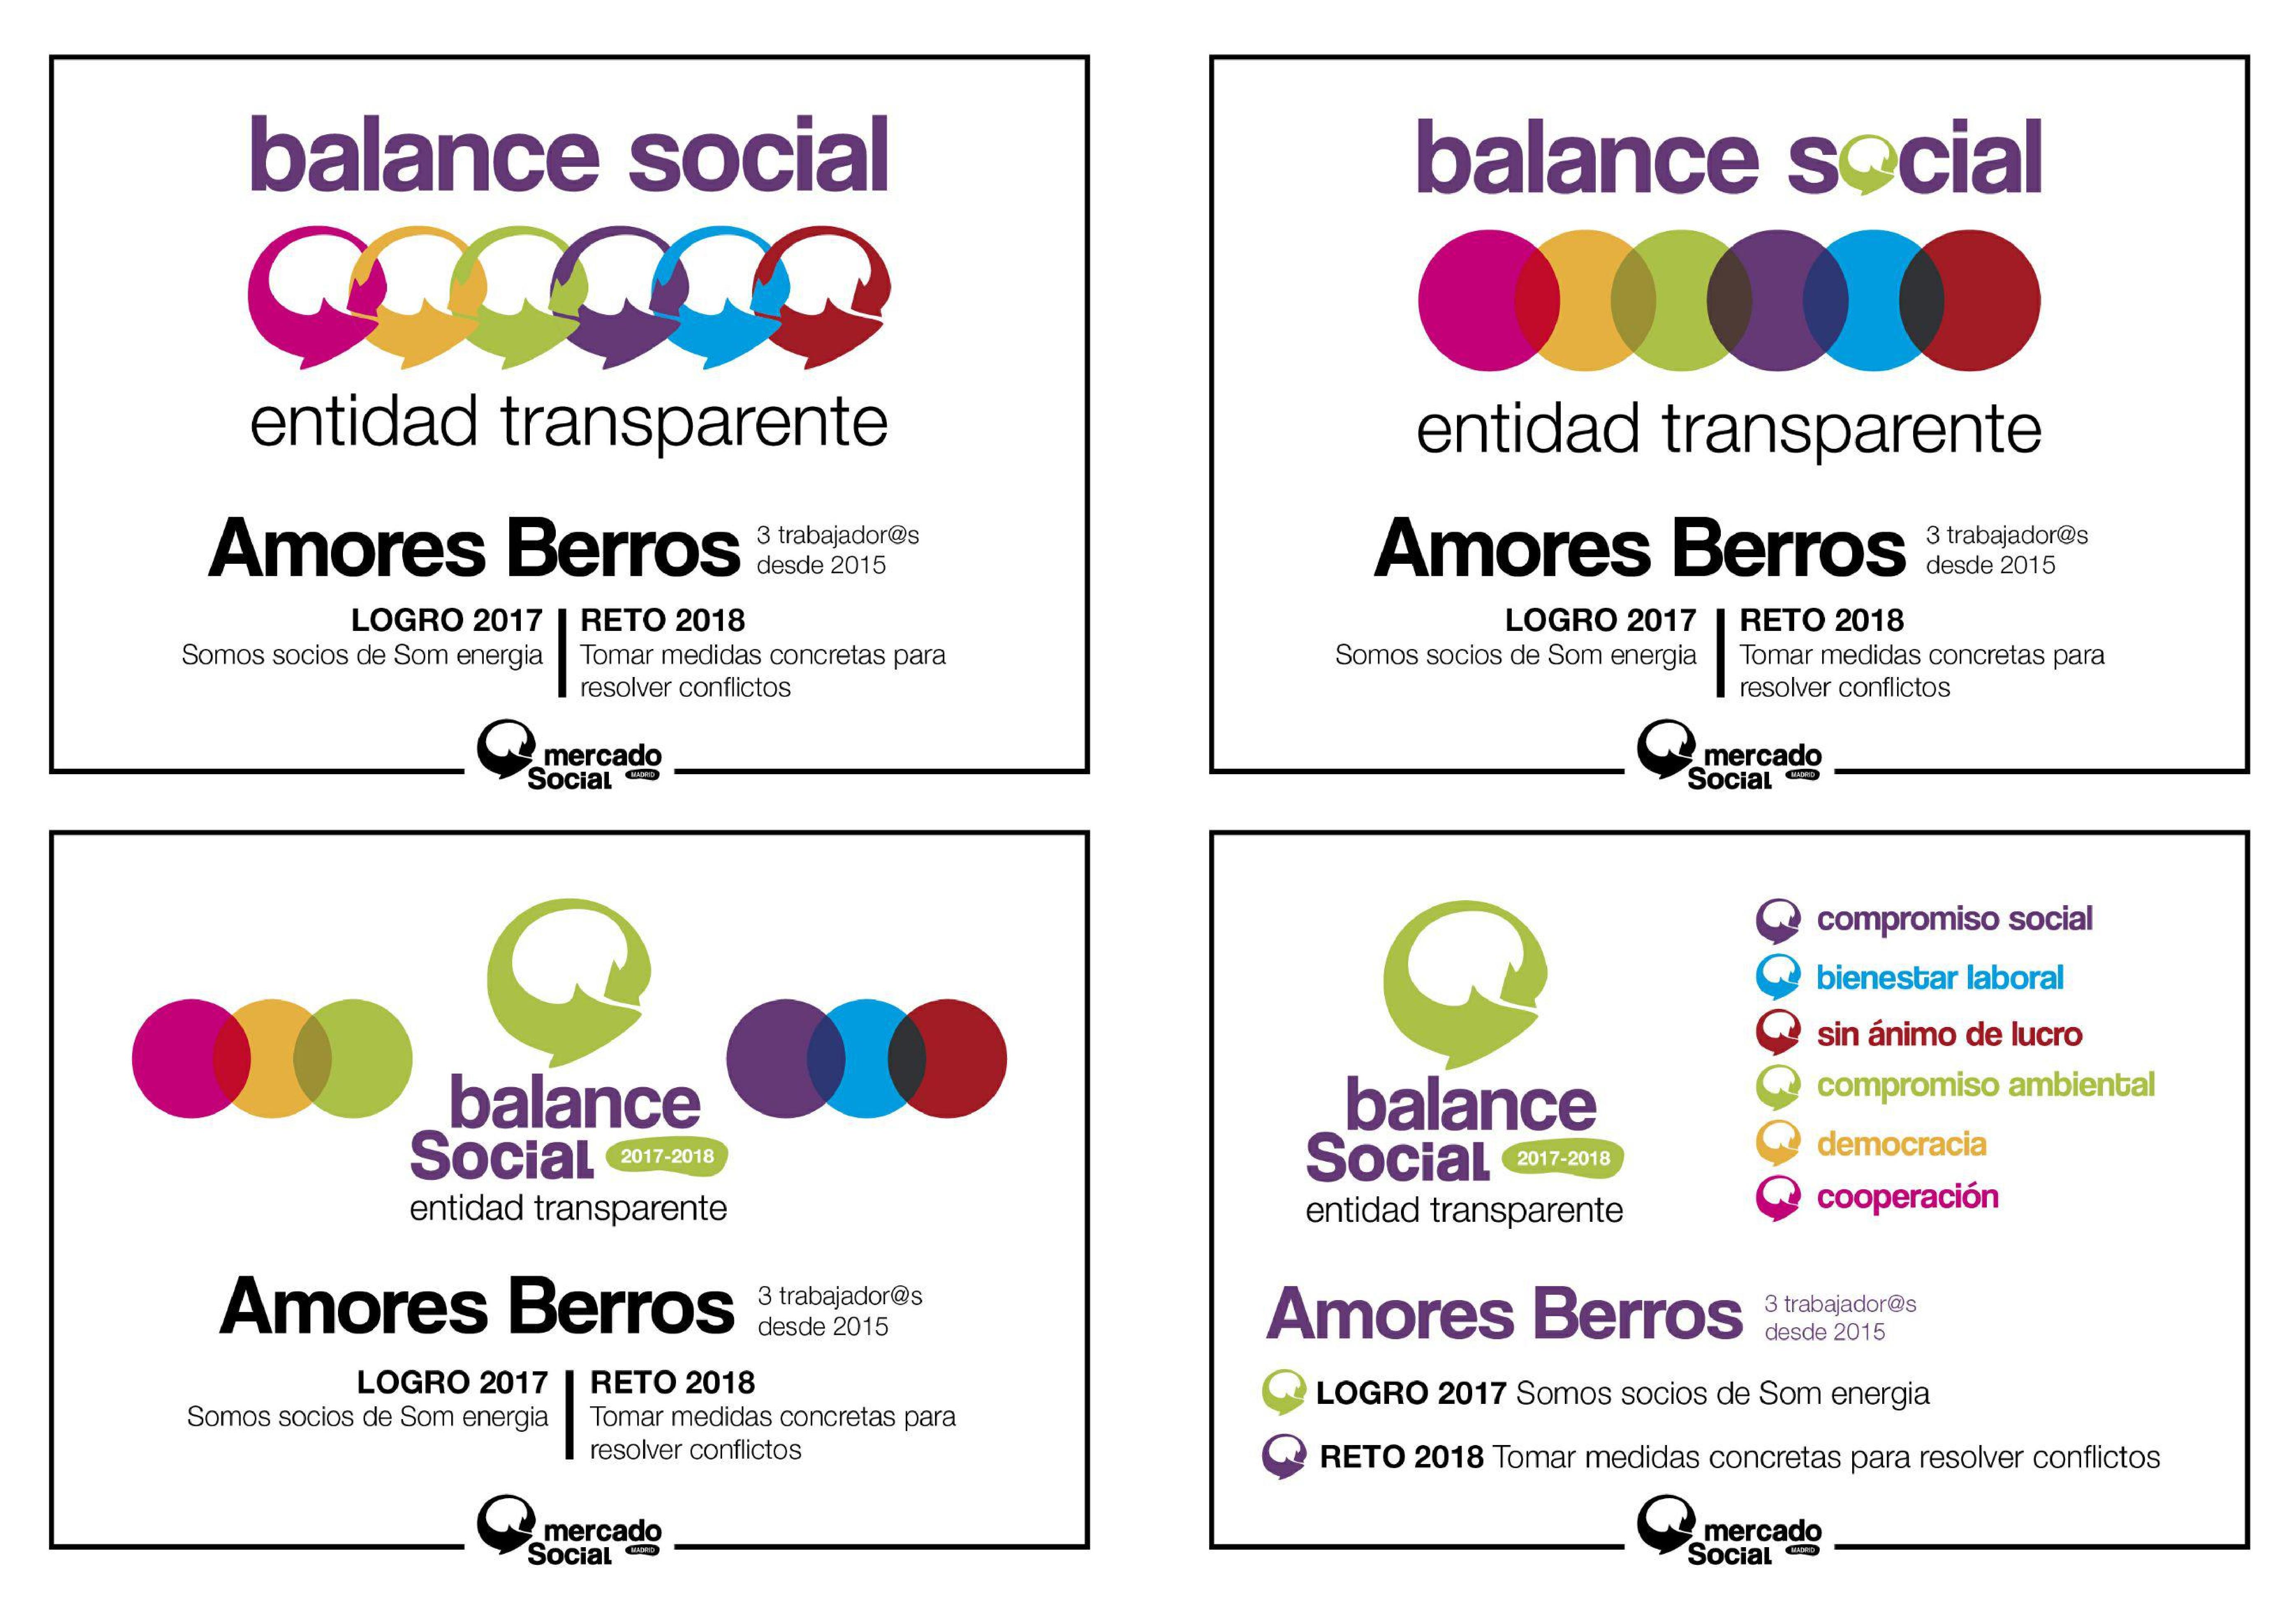 Abierta la votación del nuevo sello del Balance Social